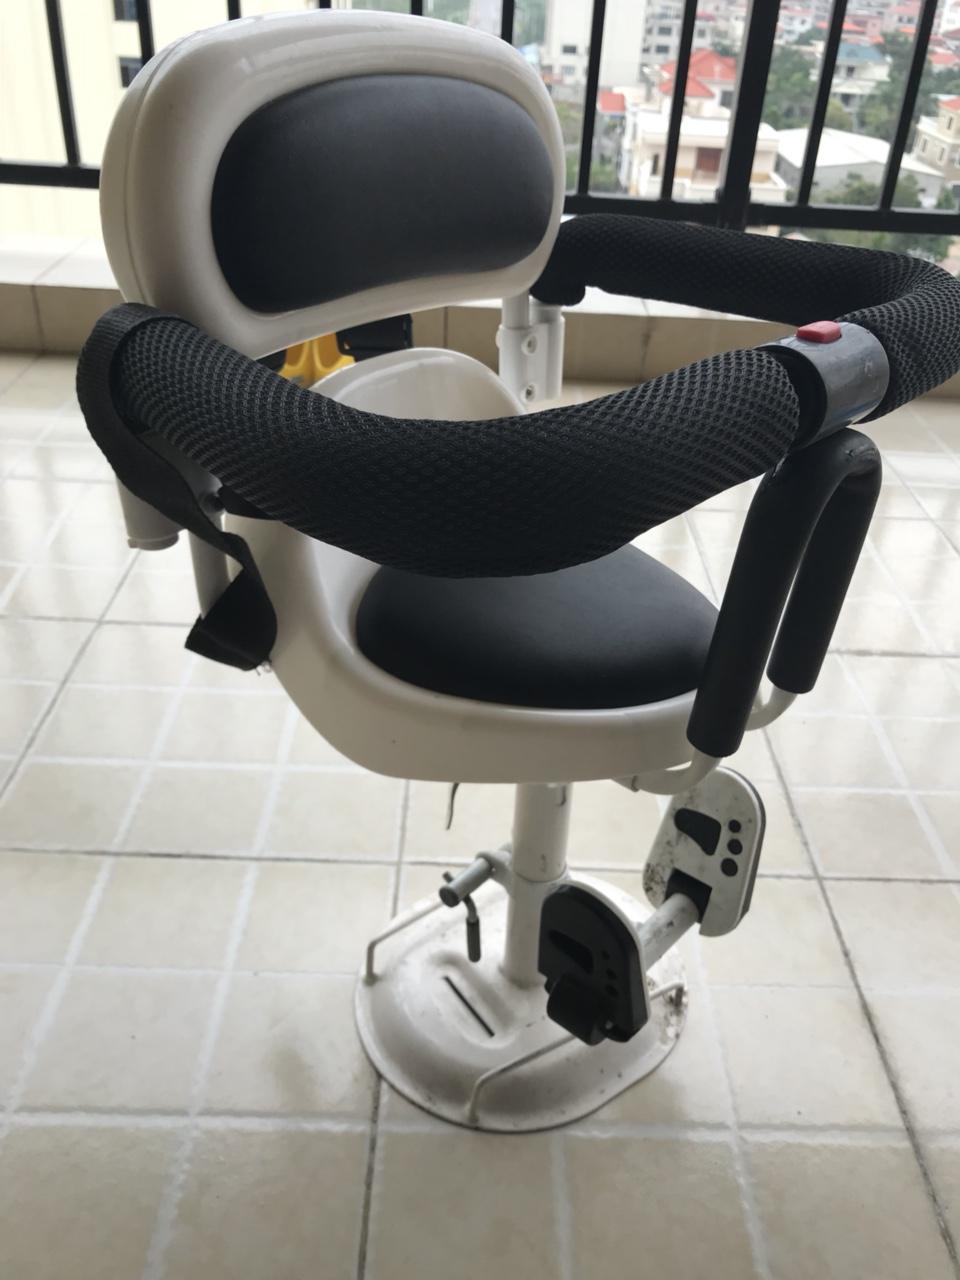 儿童电动车座椅,基本全新,目前闲置处理